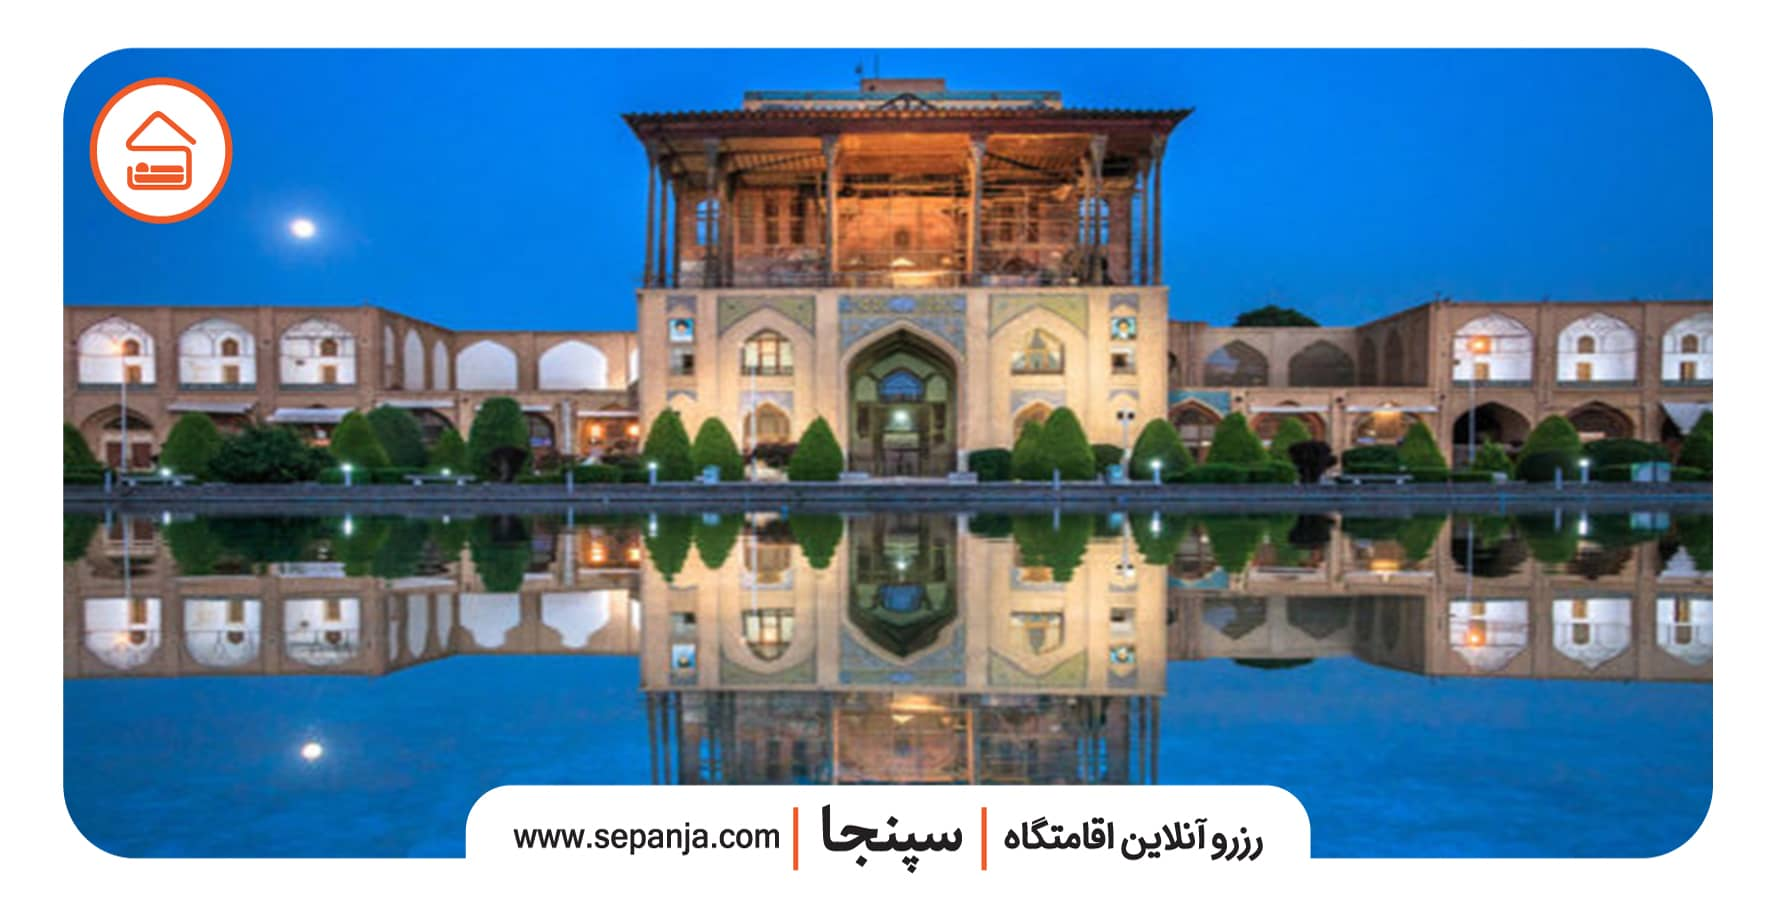 نمایی از کاخ عالی قاپو در میدان نقش جهان